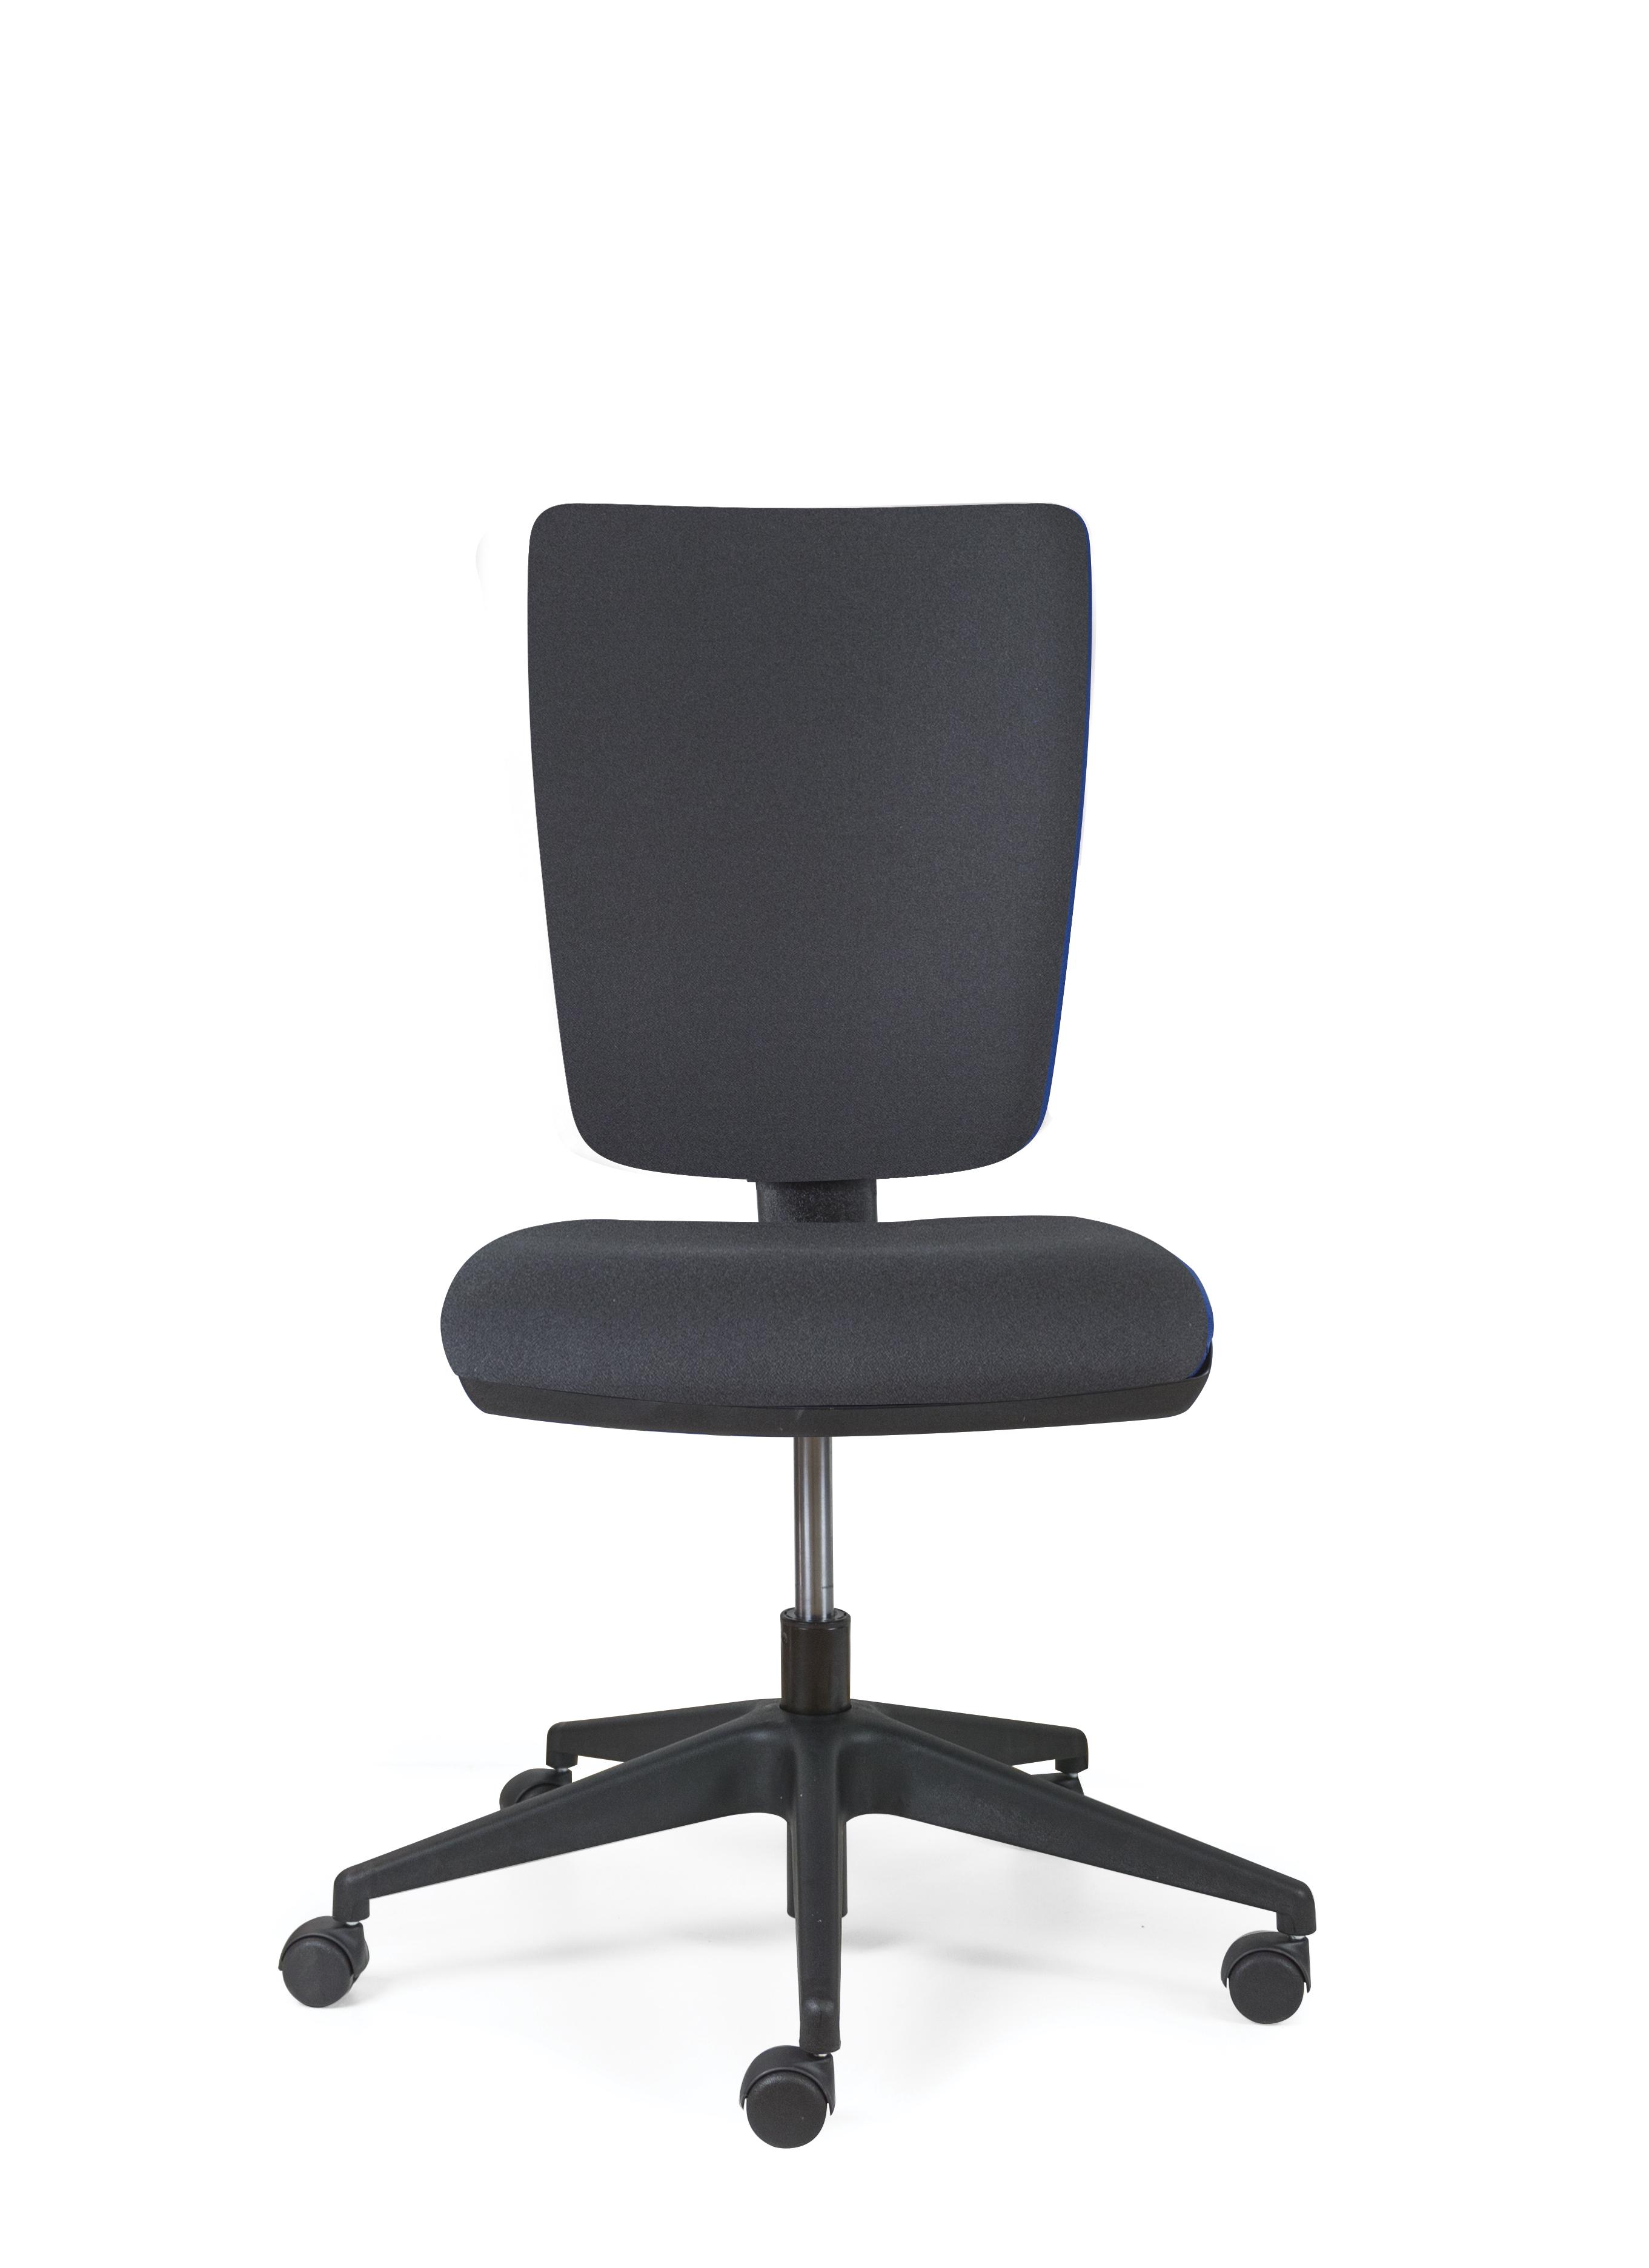 Contact Bureau Orion De Chaise Permanent W9IEHYD2